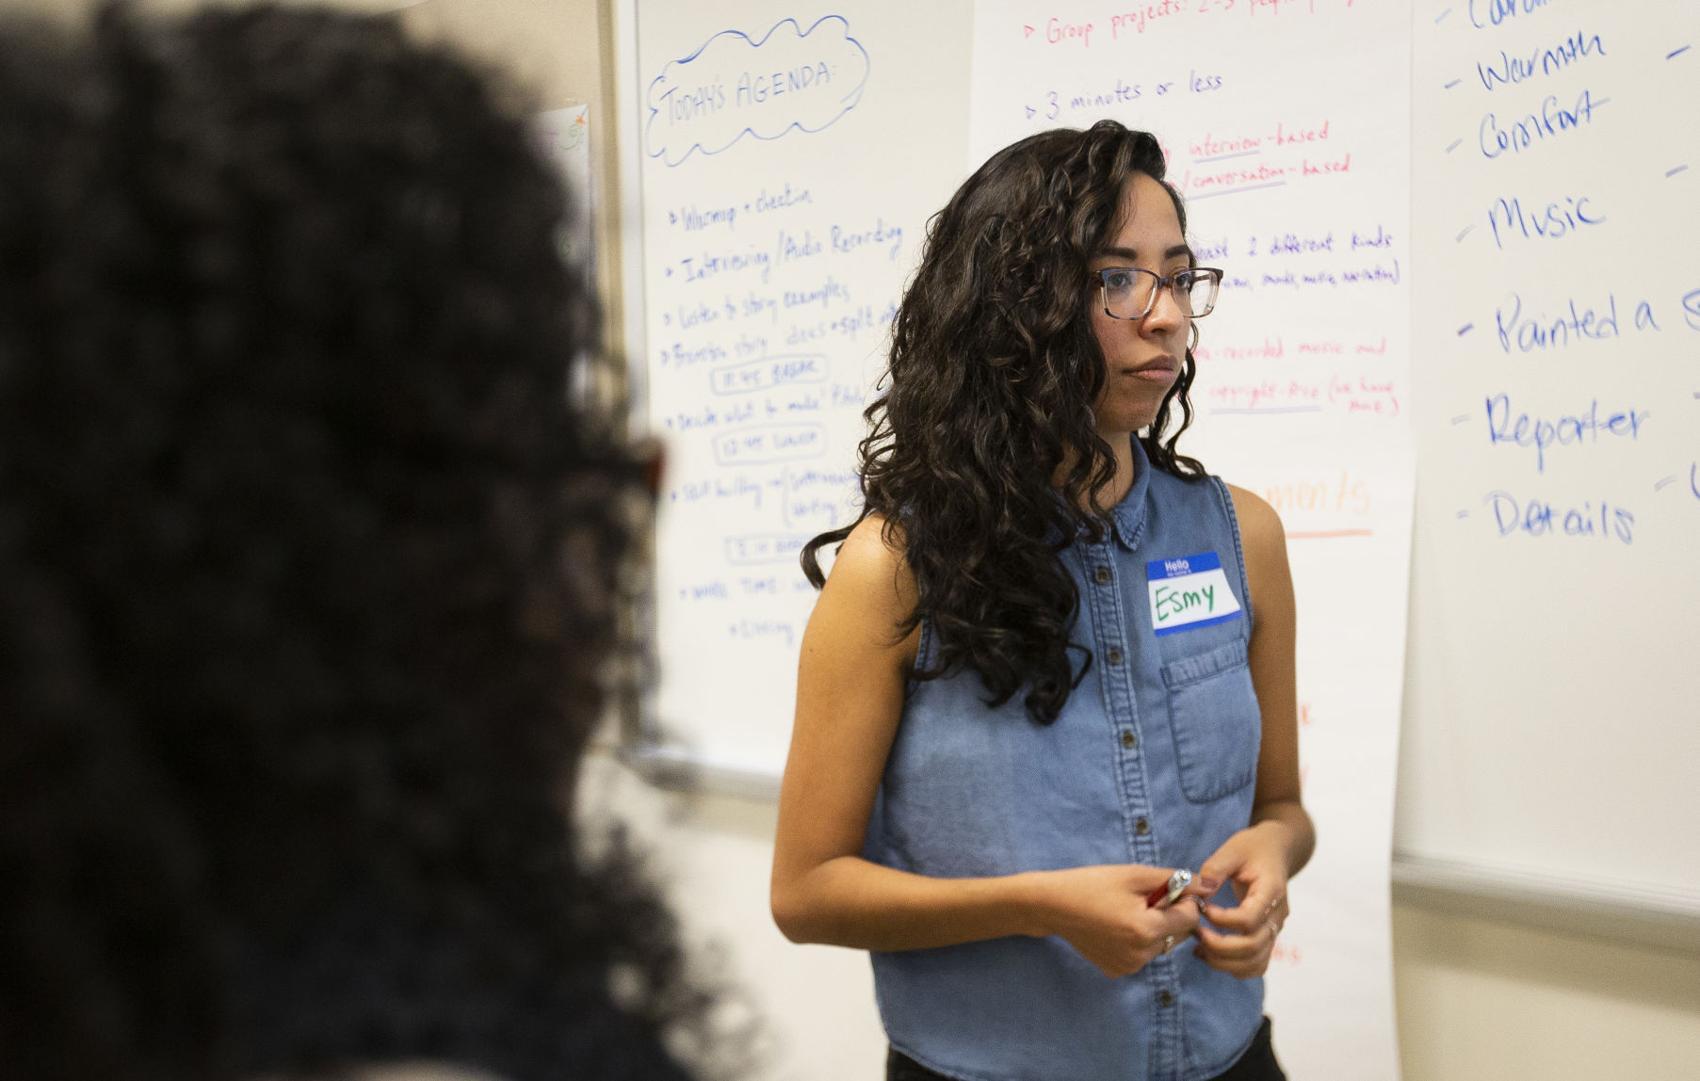 Esmy Jiménez se reúne con otros mentores durante un taller de periodismo radiofónico para jóvenes en YV-Tech en Yakima, el 20 de octubre de 2018.   Evan Abell / El Sol de Yakima